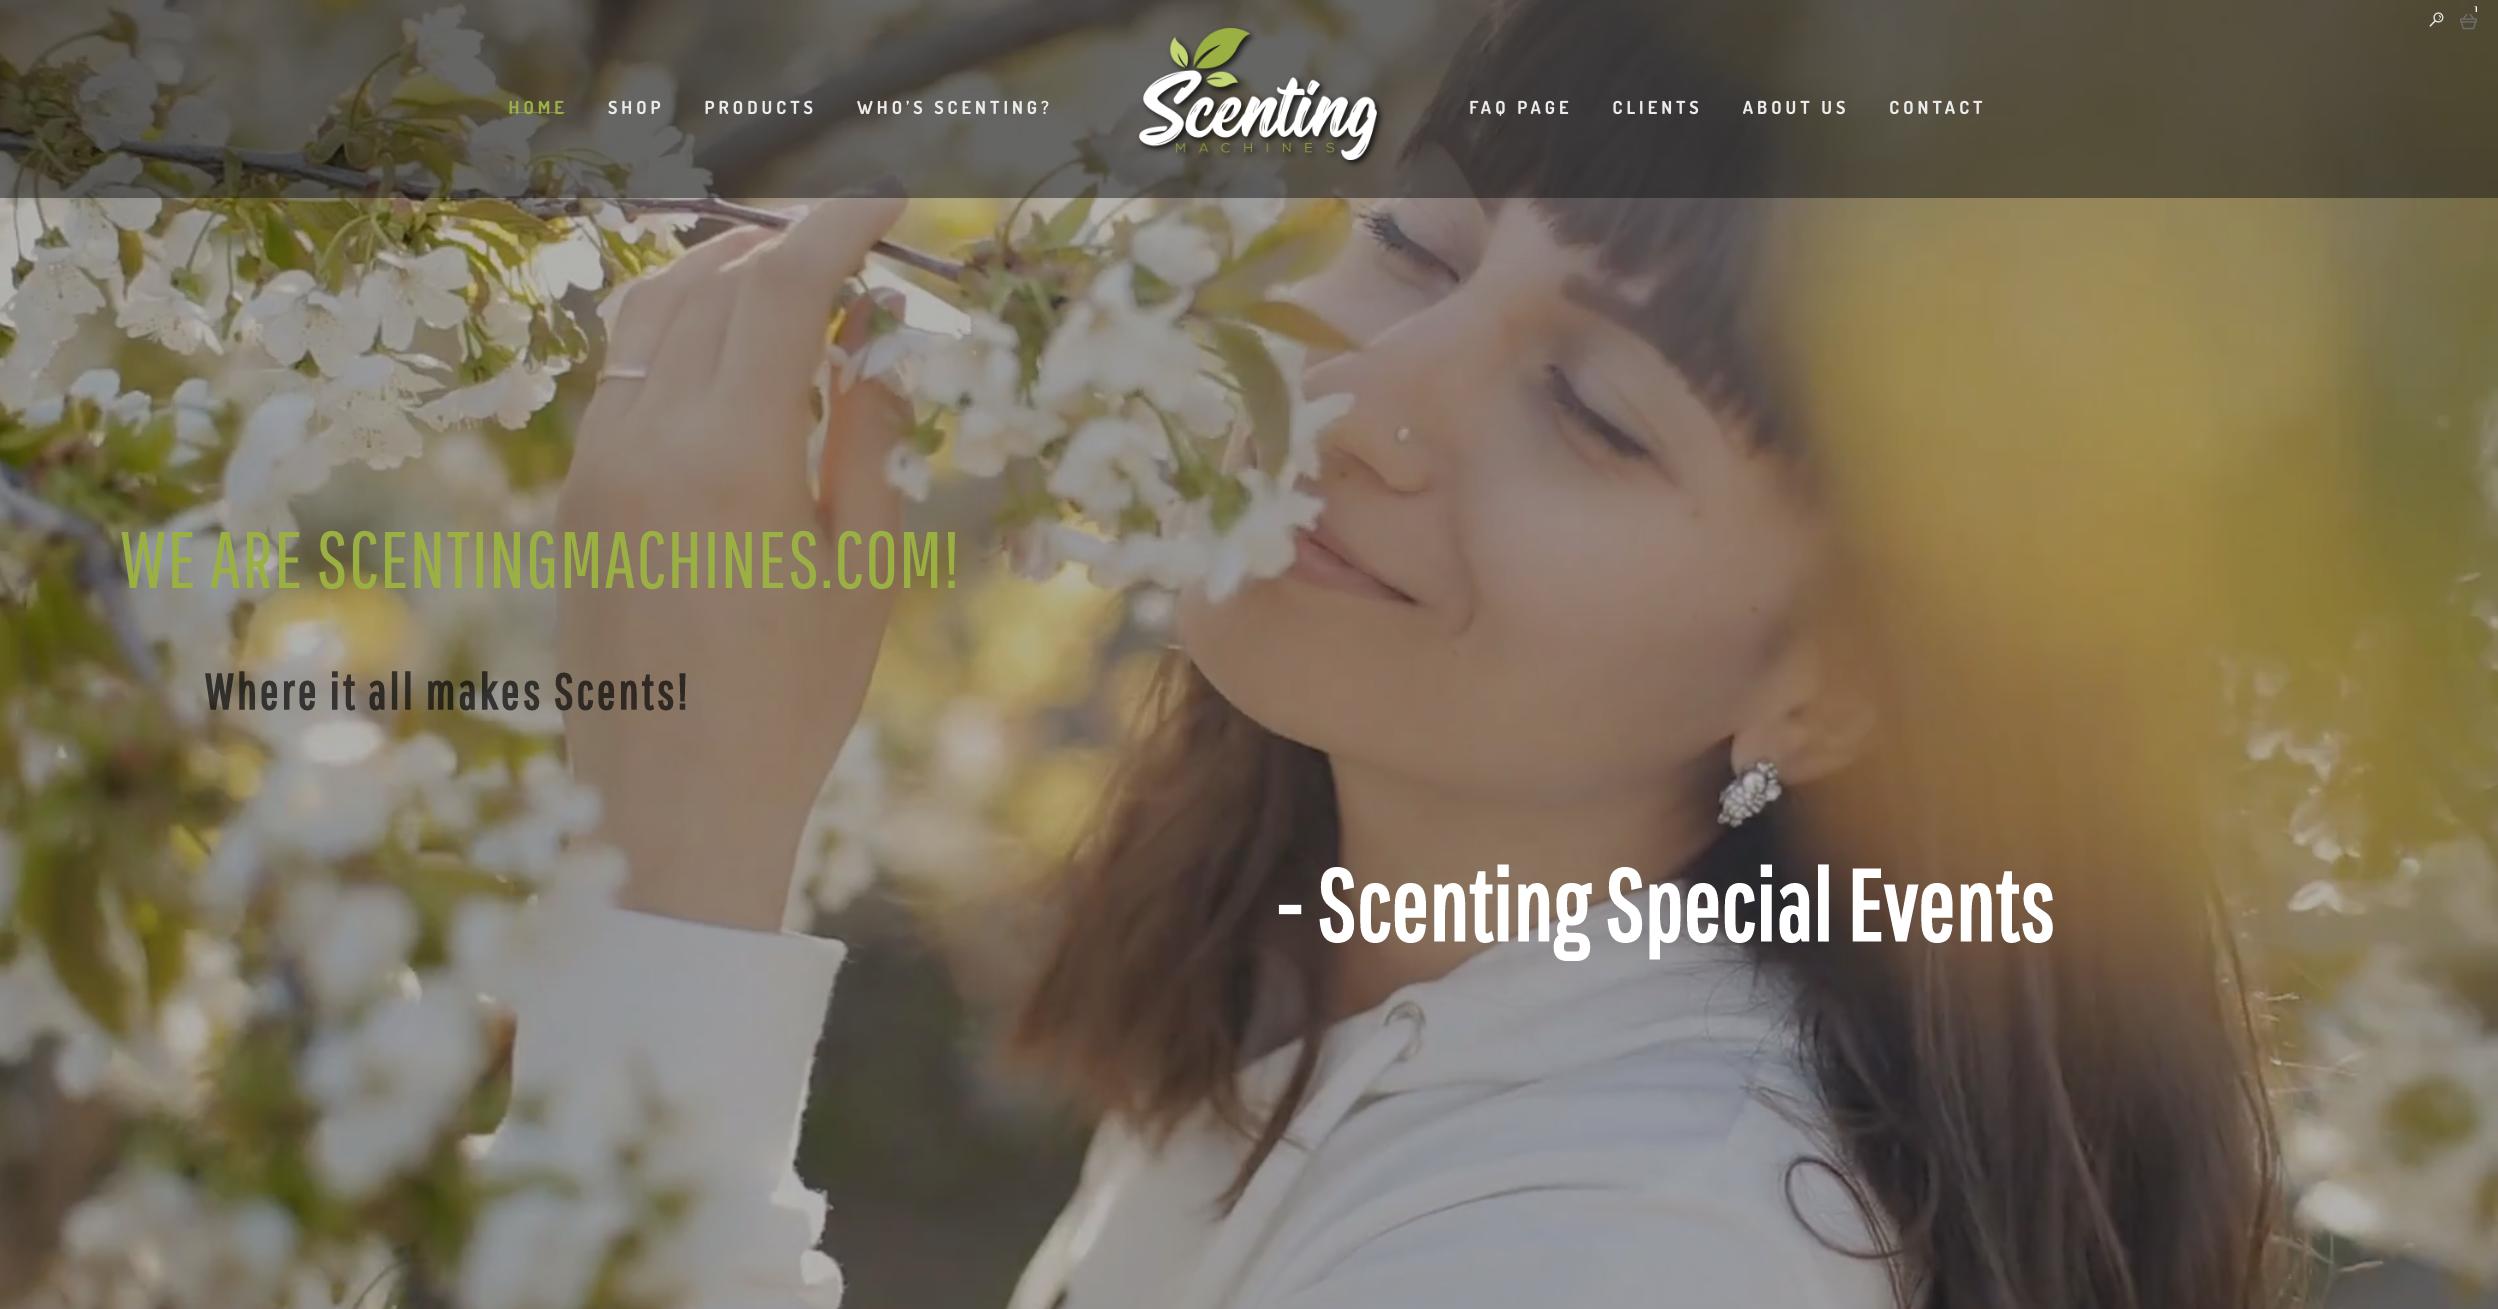 ScentingMachines.com